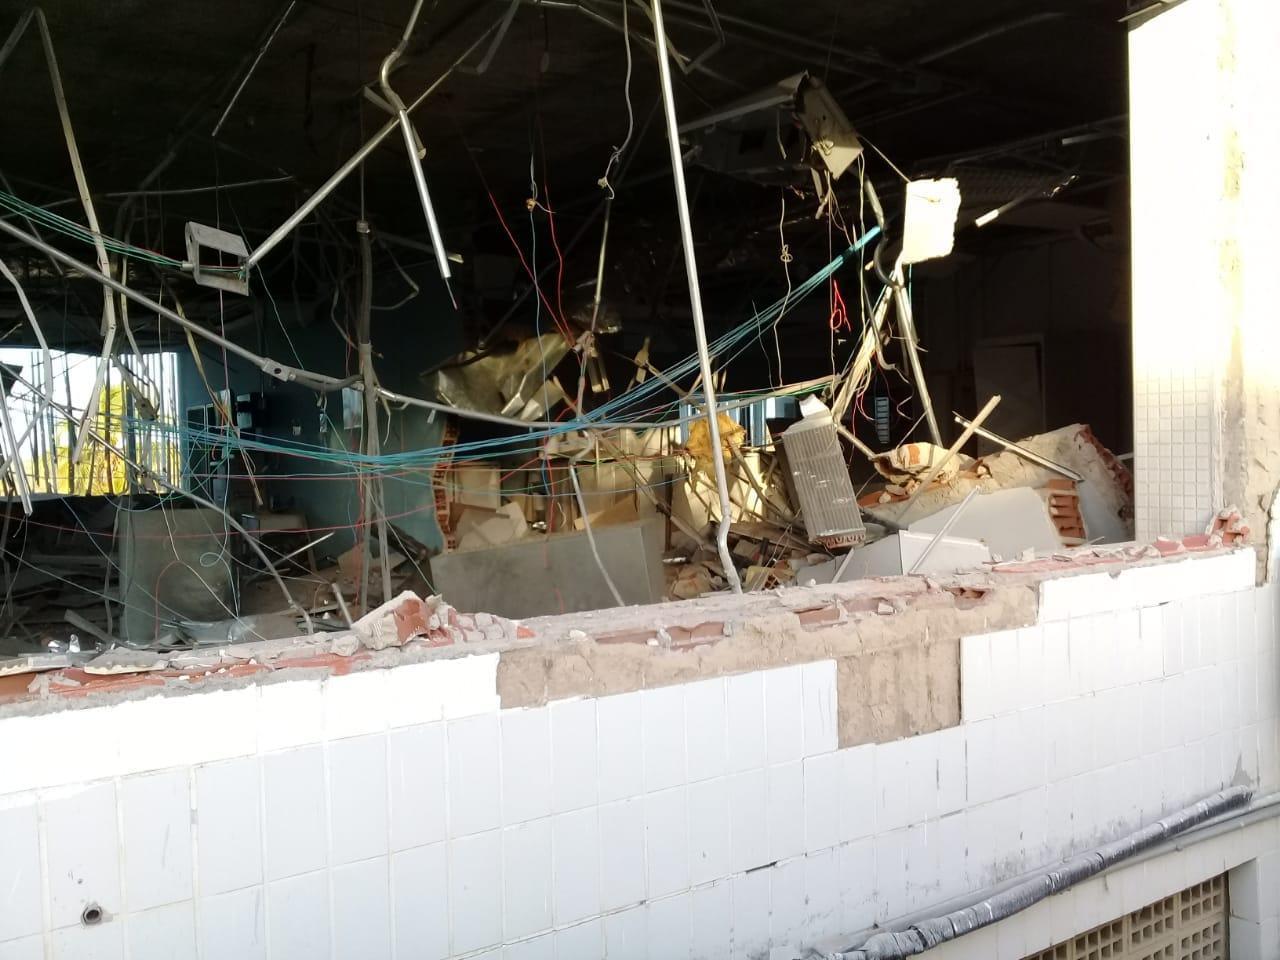 gurinhem 1 - MAIS UM ATAQUE: grupo armado explode agência bancária em Gurinhém